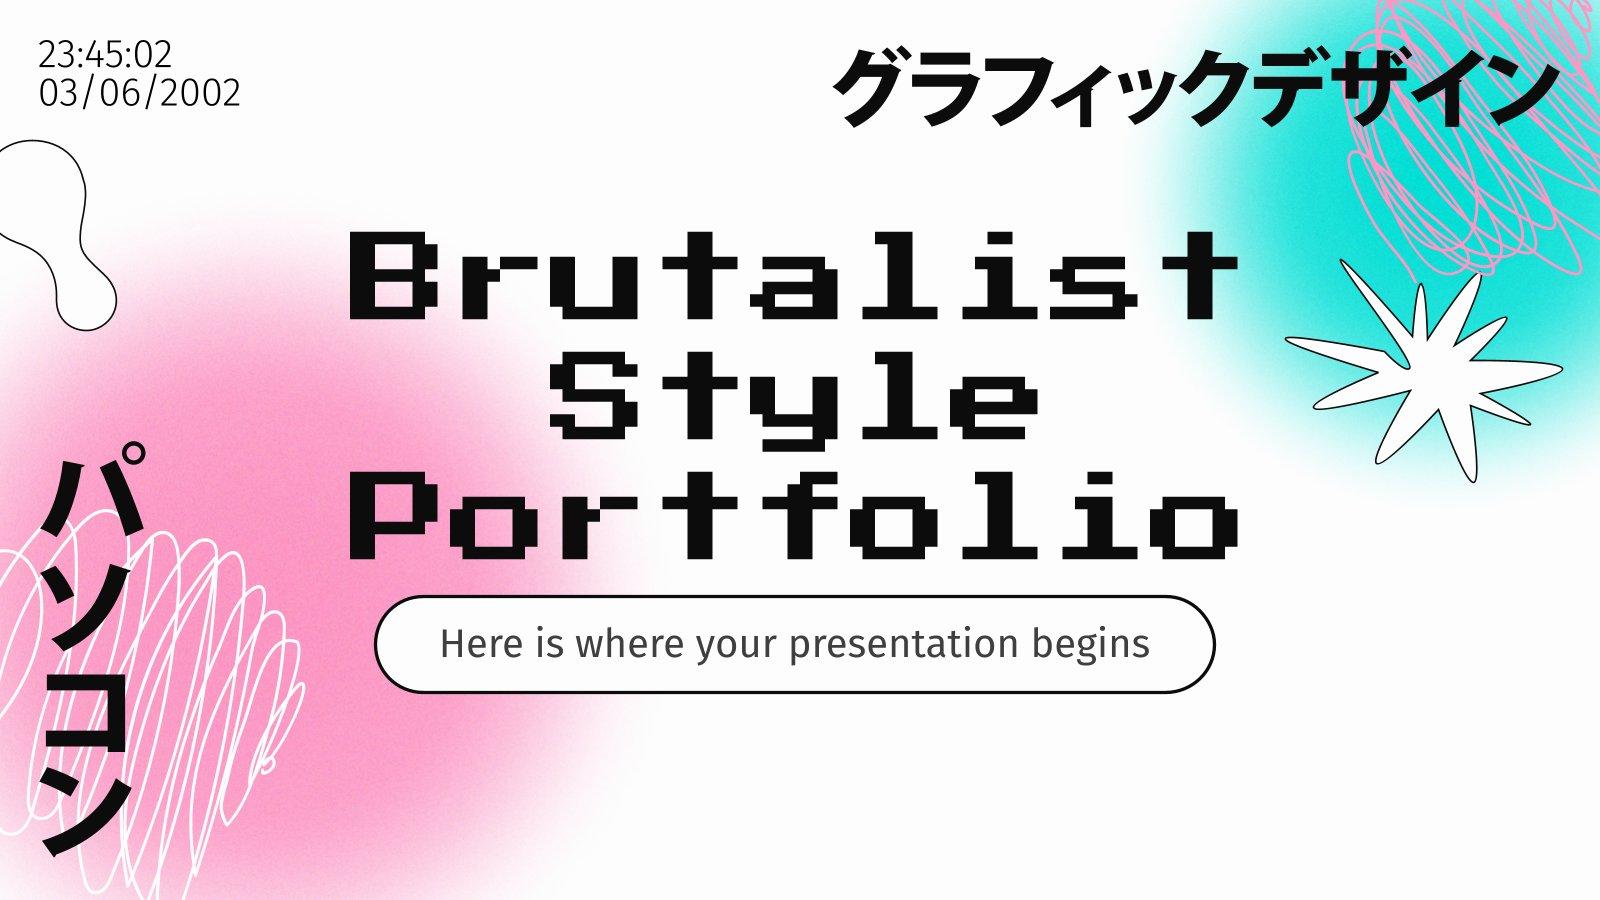 Portfolio du style brutaliste : Modèles de présentation